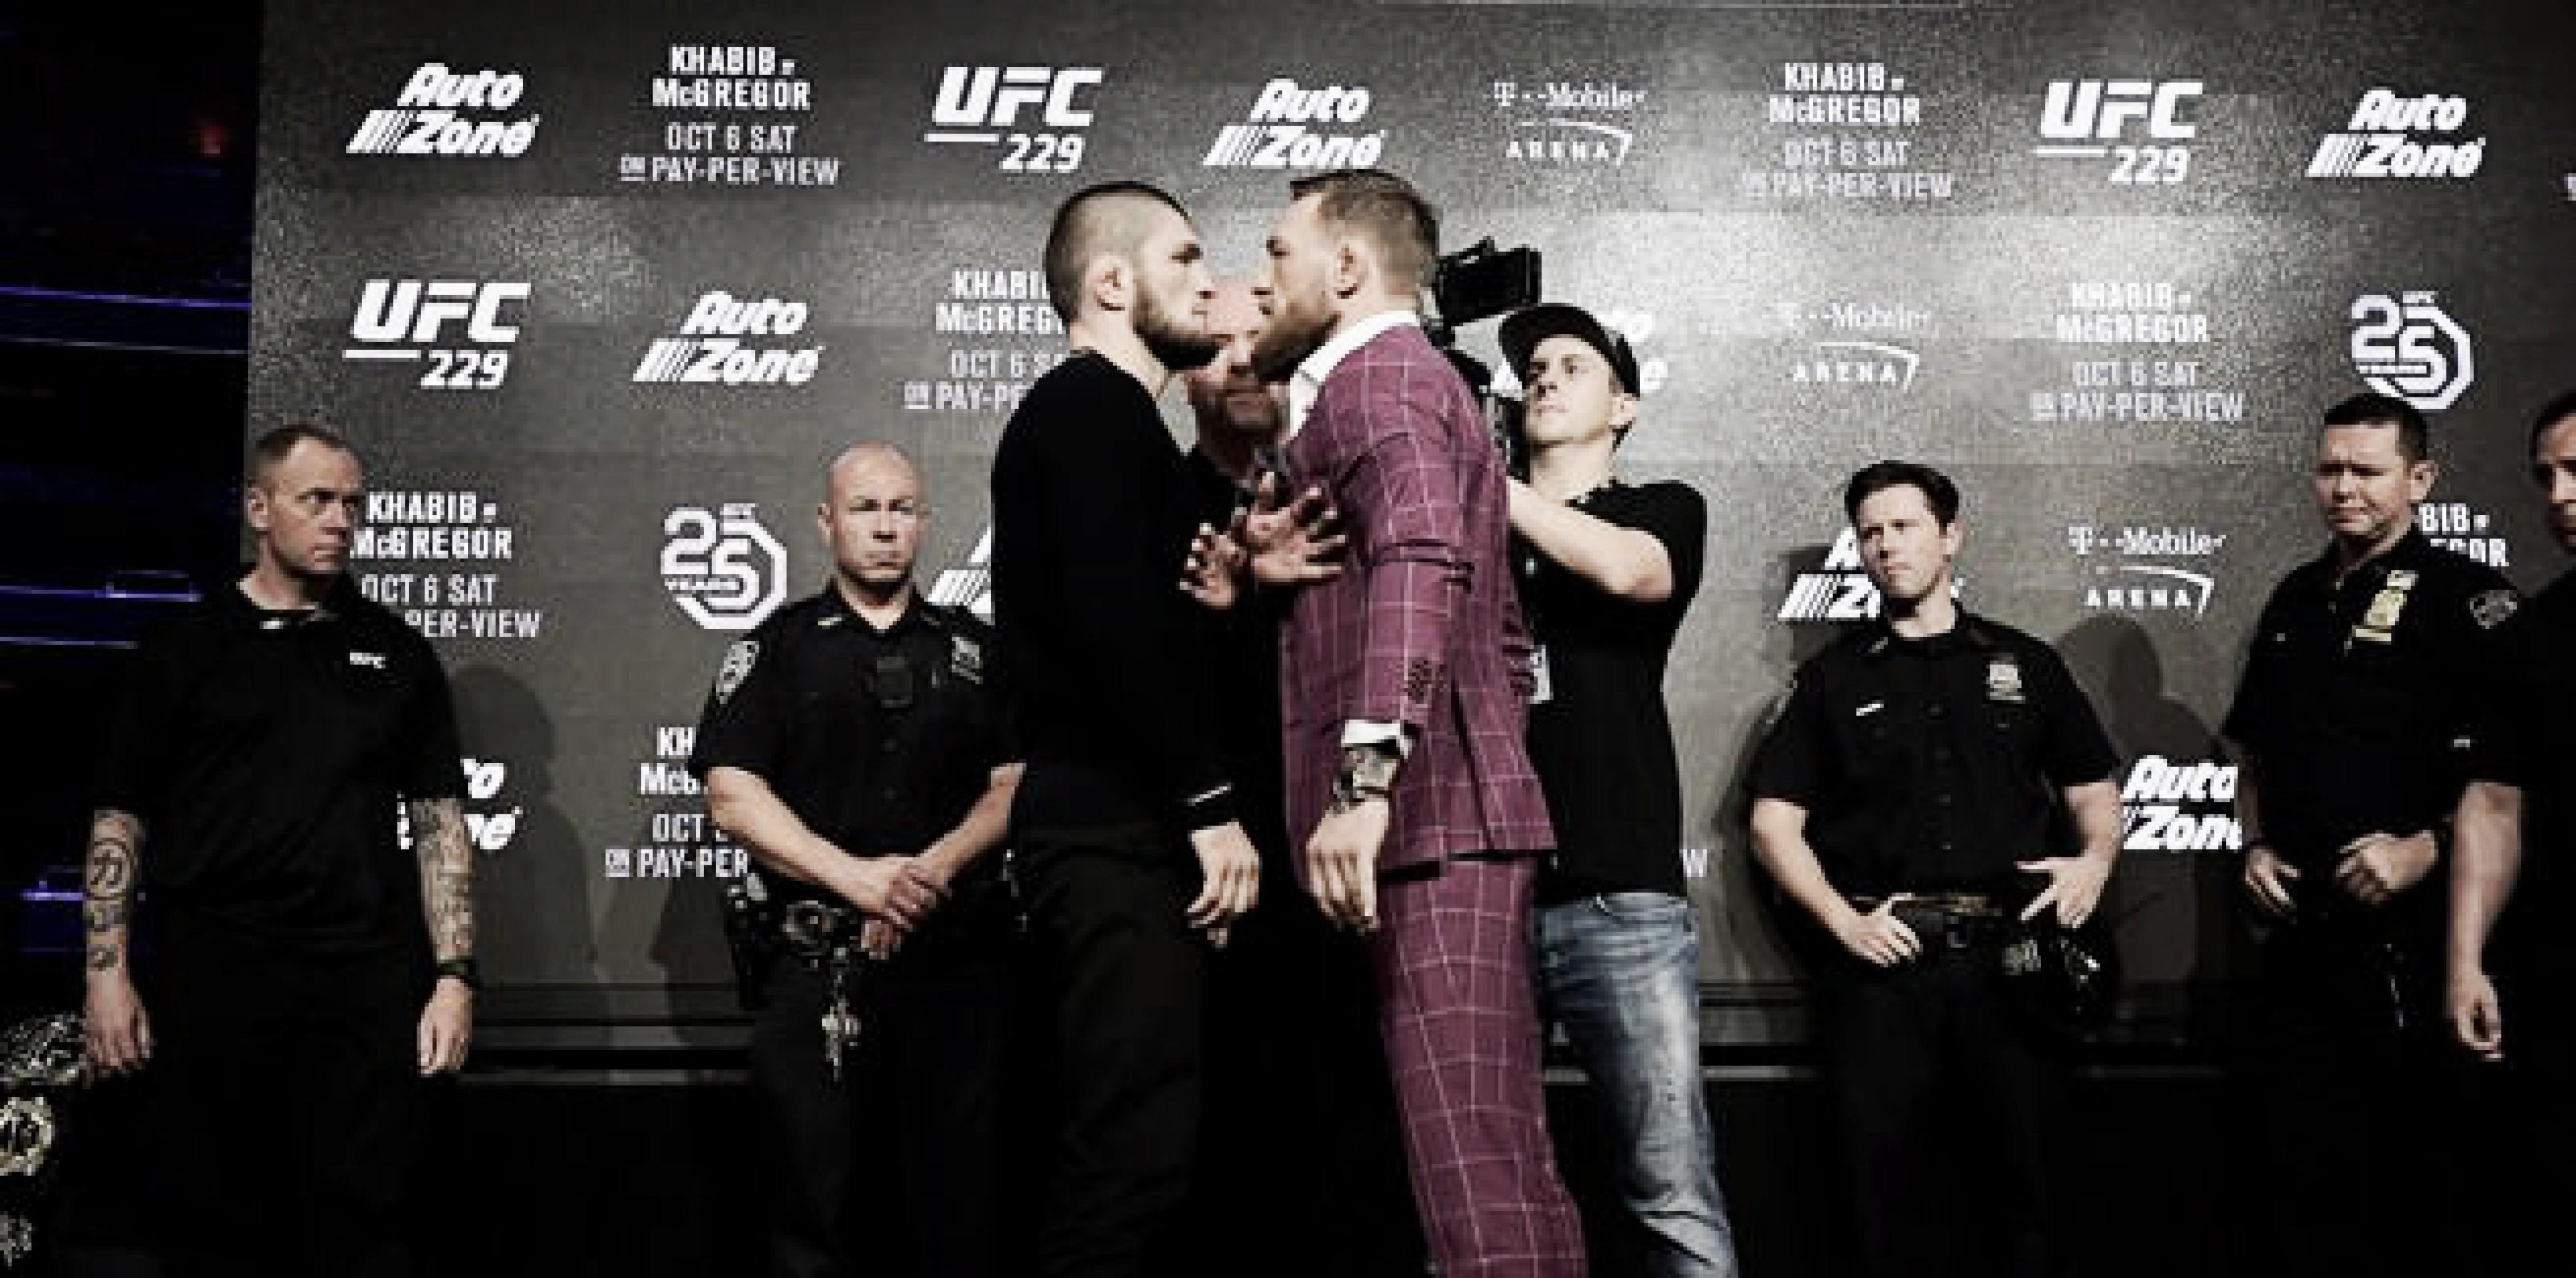 McGregor y Khabib calentaron la previa de UFC 229